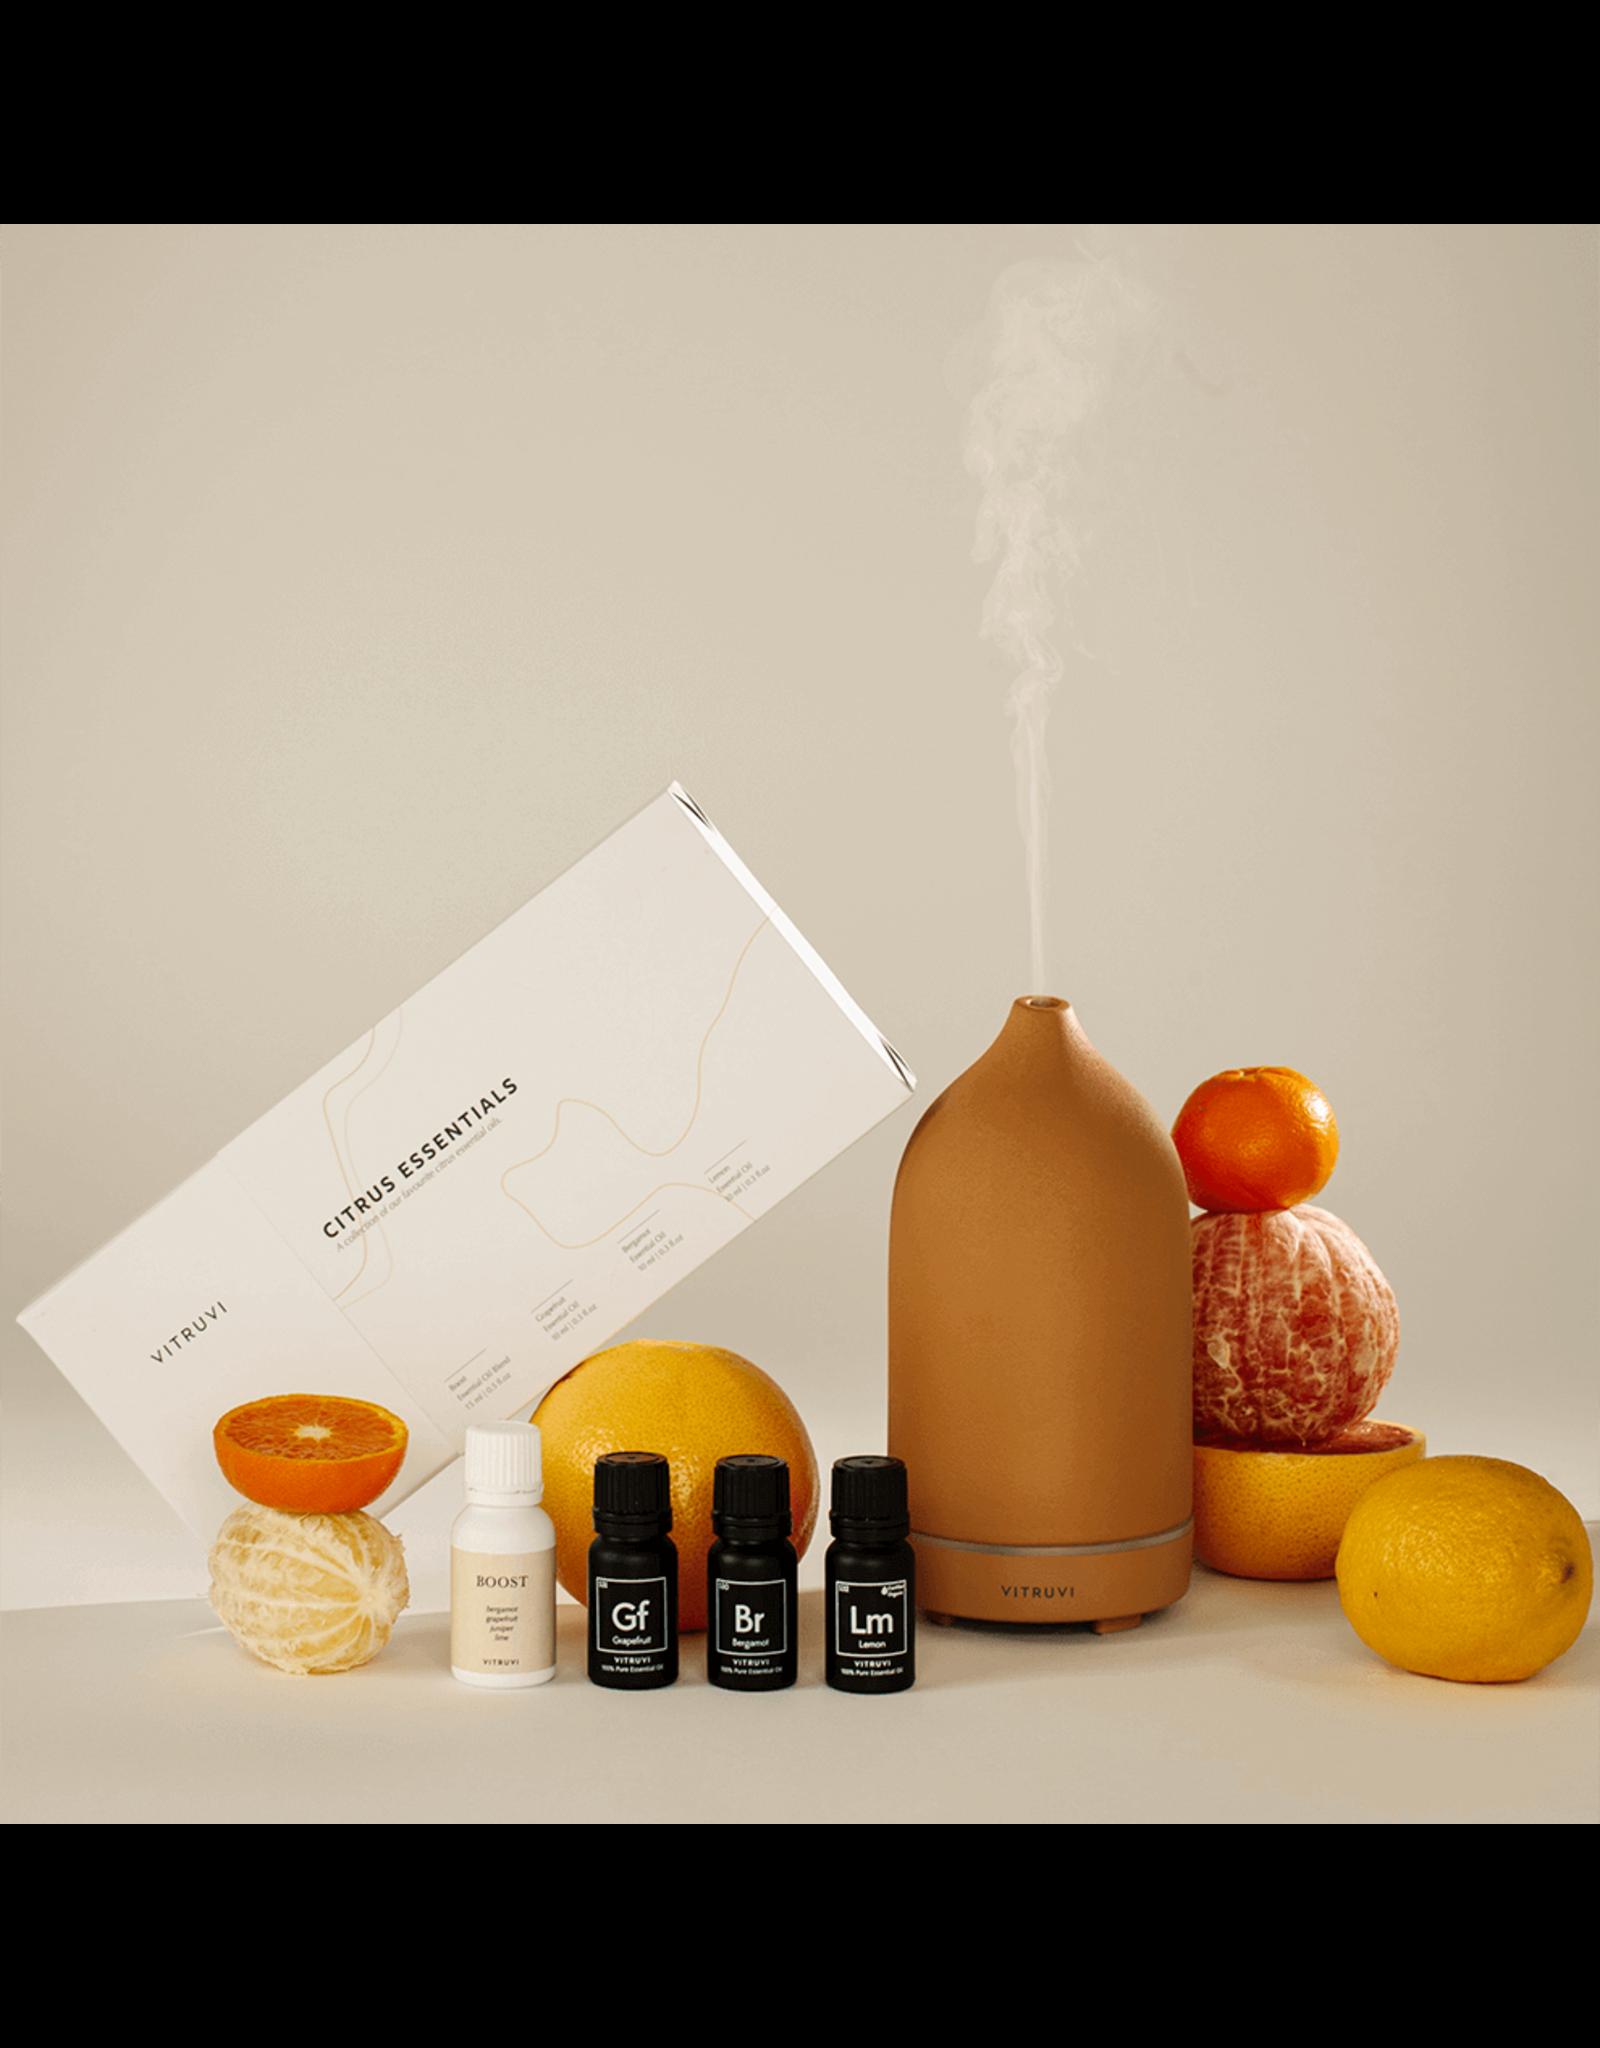 Vitruvi The Citrus Essentials Kit